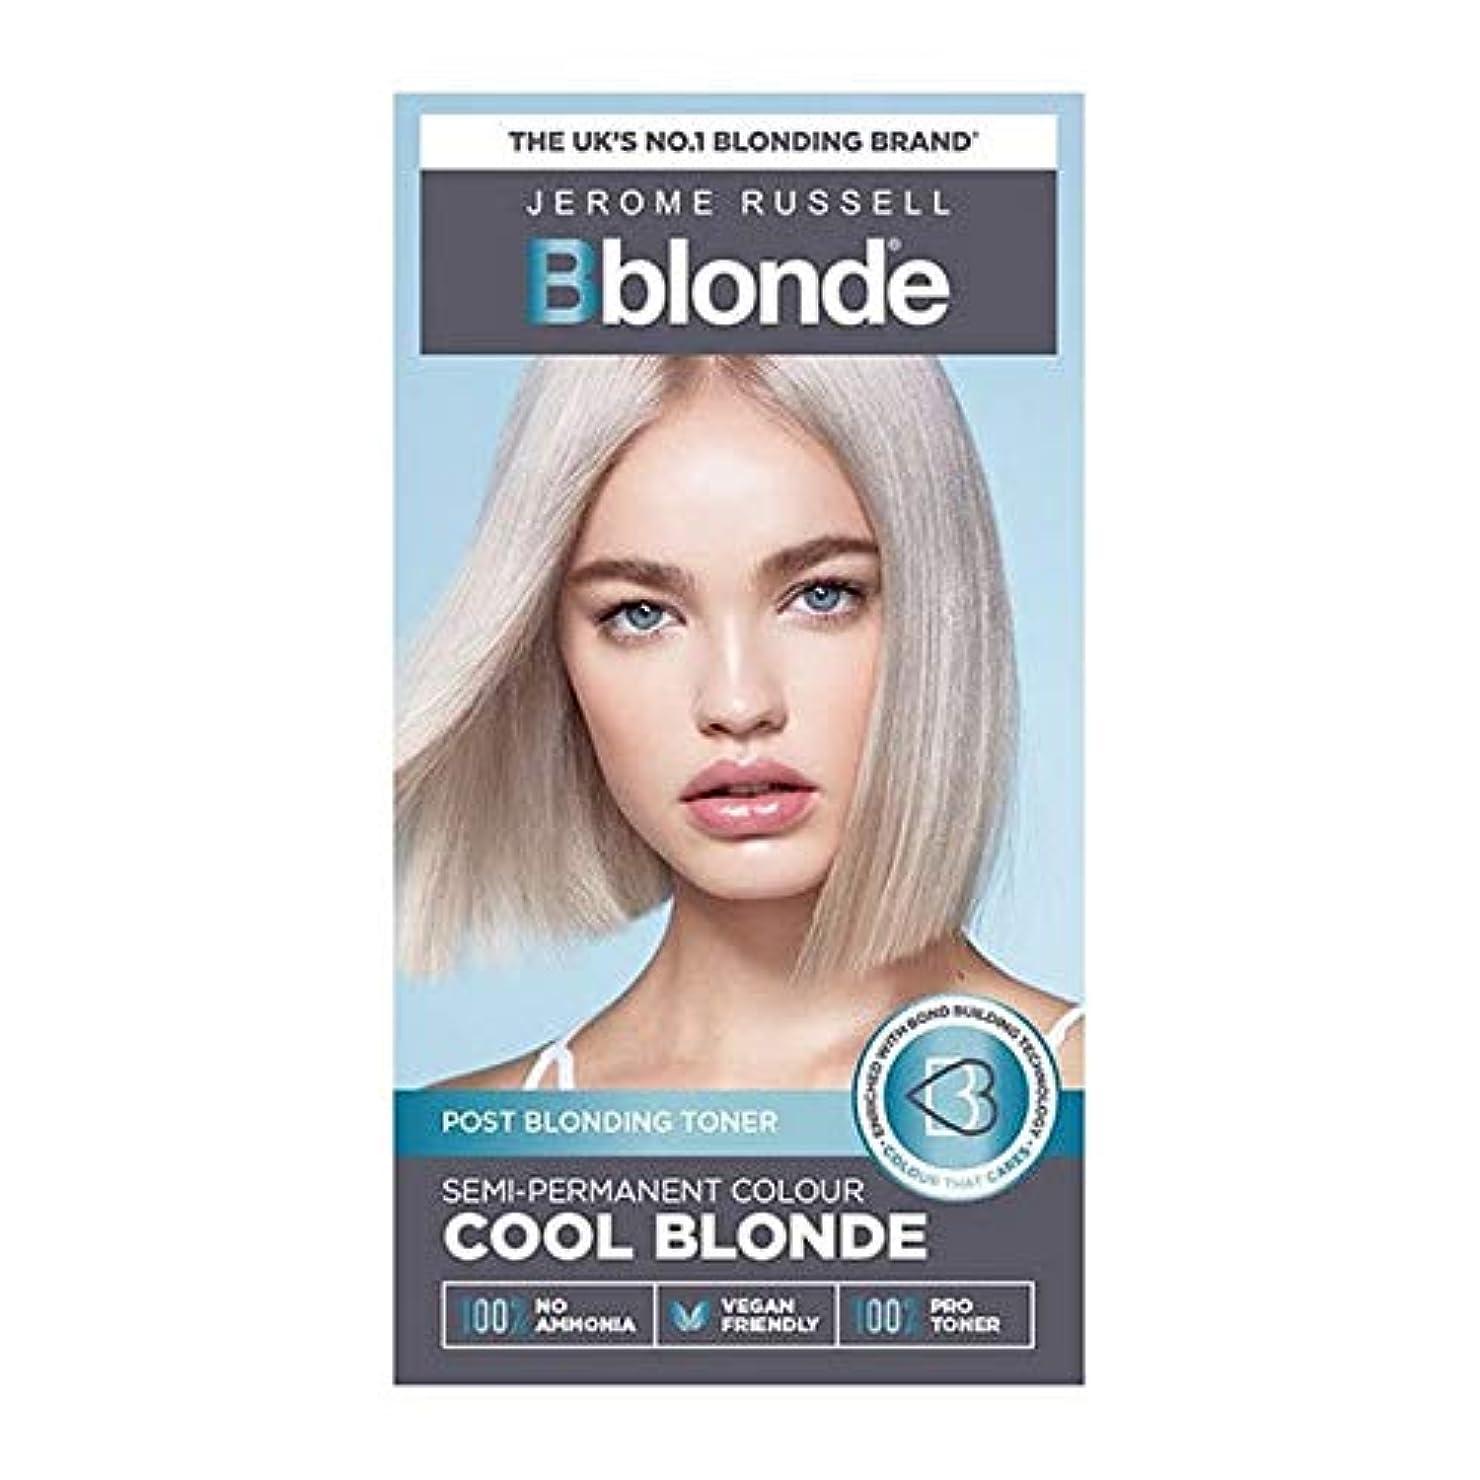 見えないコンピューター典型的な[Jerome Russell ] ジェロームラッセルBblonde半恒久的なトナークールなブロンド - Jerome Russell Bblonde Semi Permanent Toner Cool Blonde [並行輸入品]